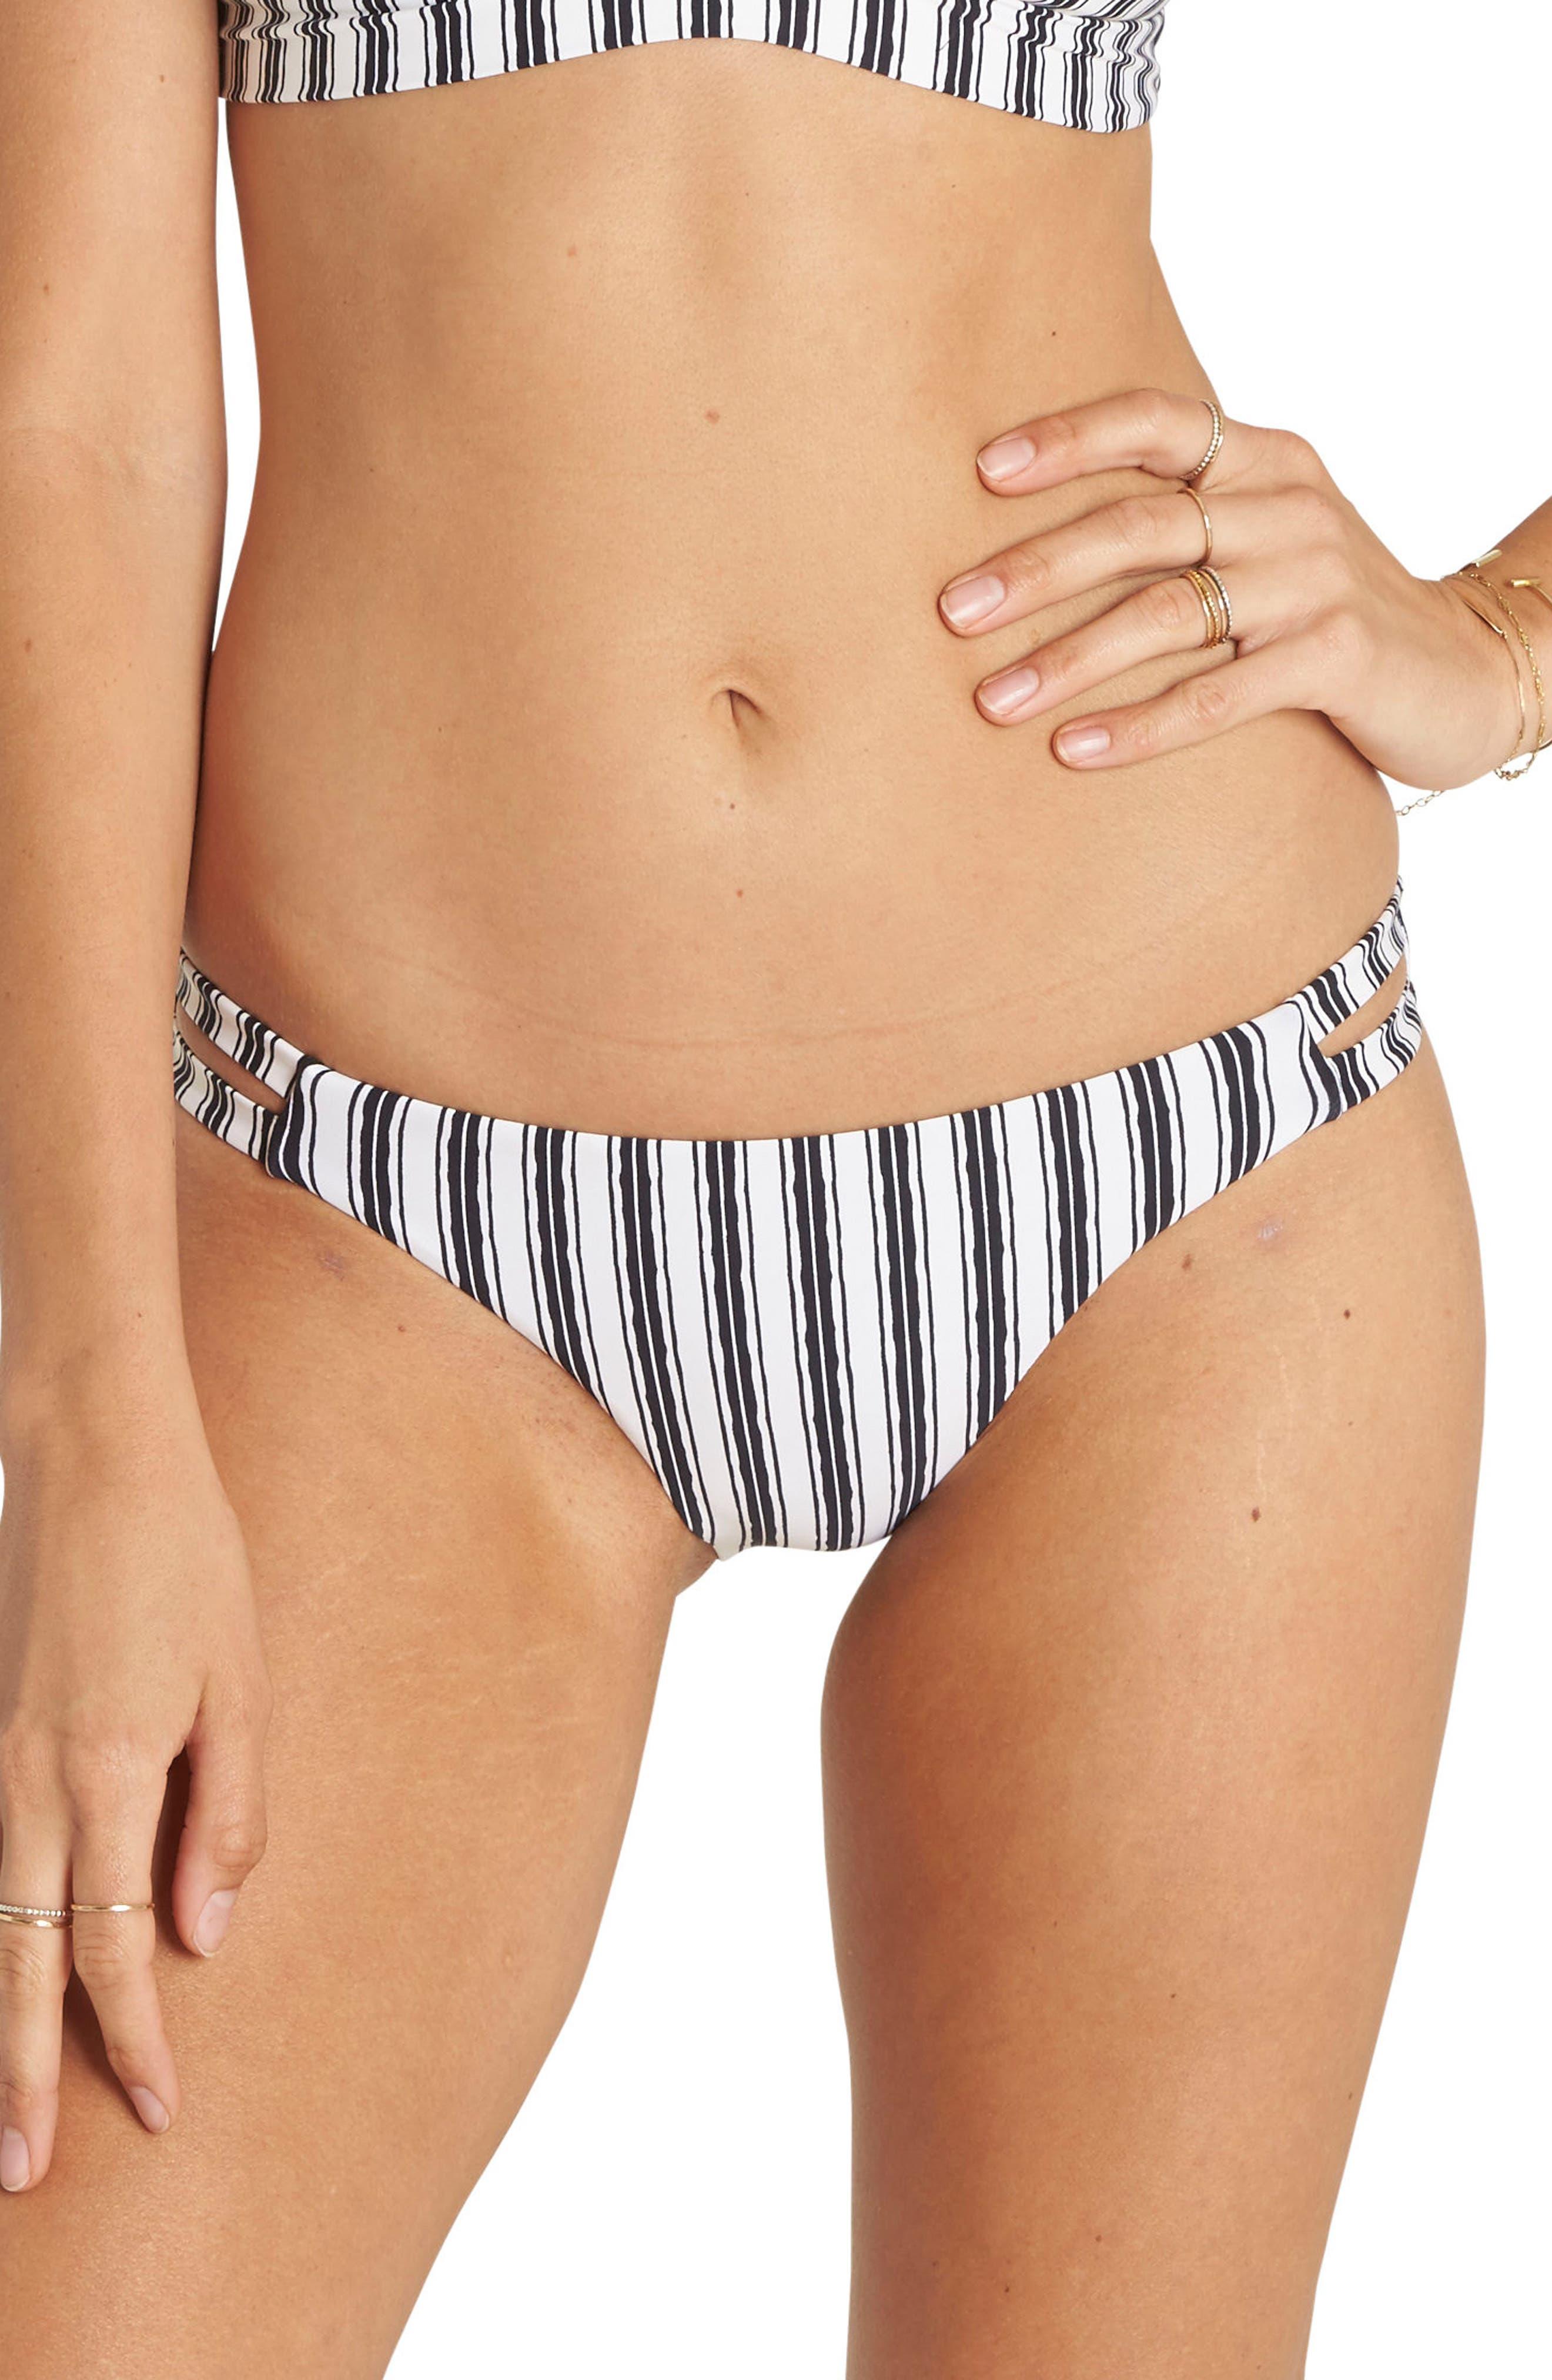 Get in Line Lowrider Bikini Bottoms,                         Main,                         color, Multi